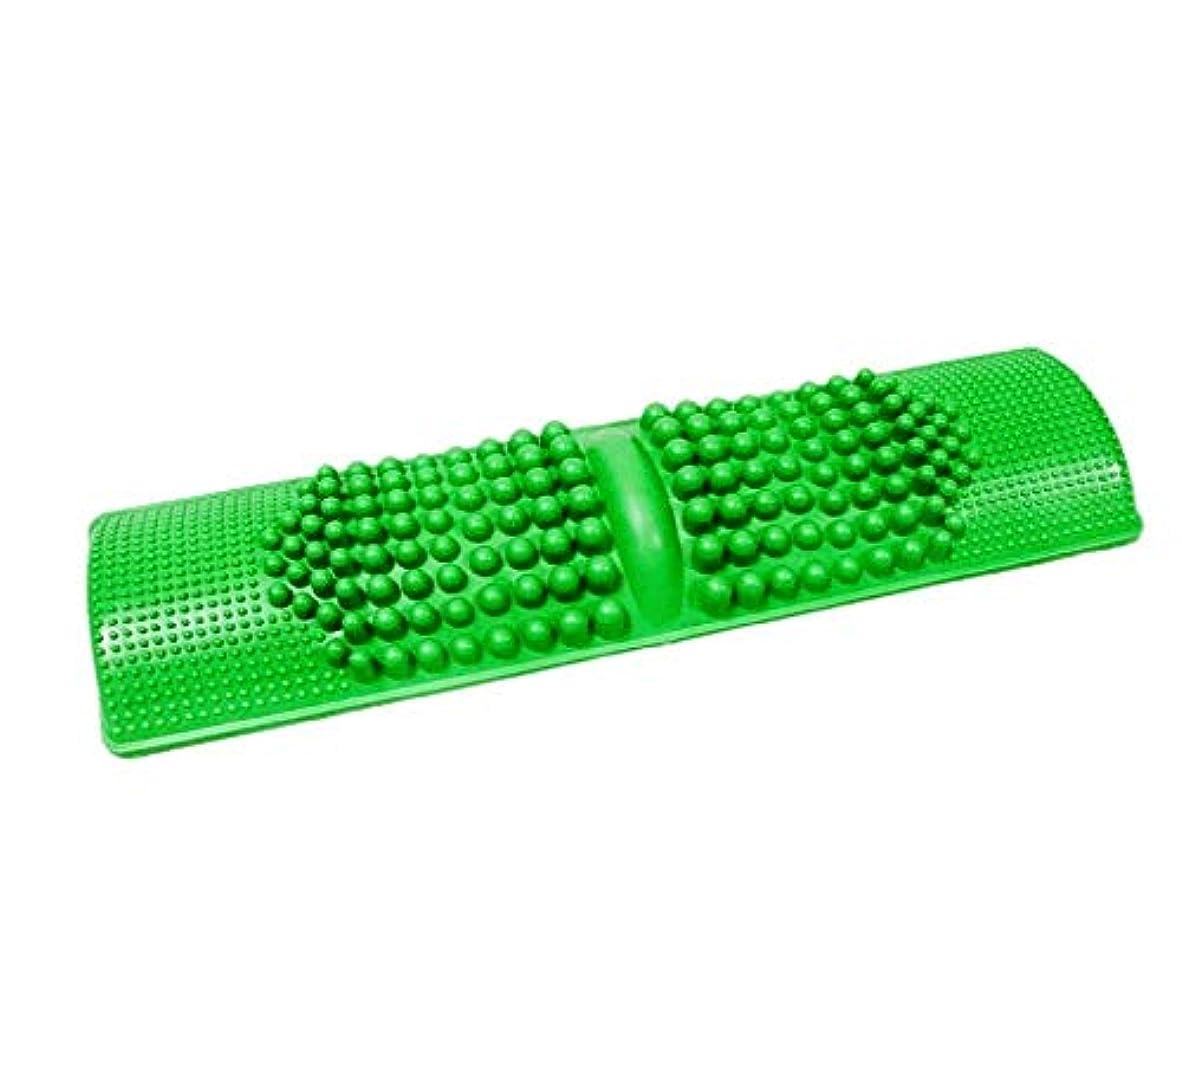 ビバ雑品強調する簡単に健康維持 BIGサイズ 足つぼマッサージ 足 踏み 足裏 刺激 血行促進 (グリーン)